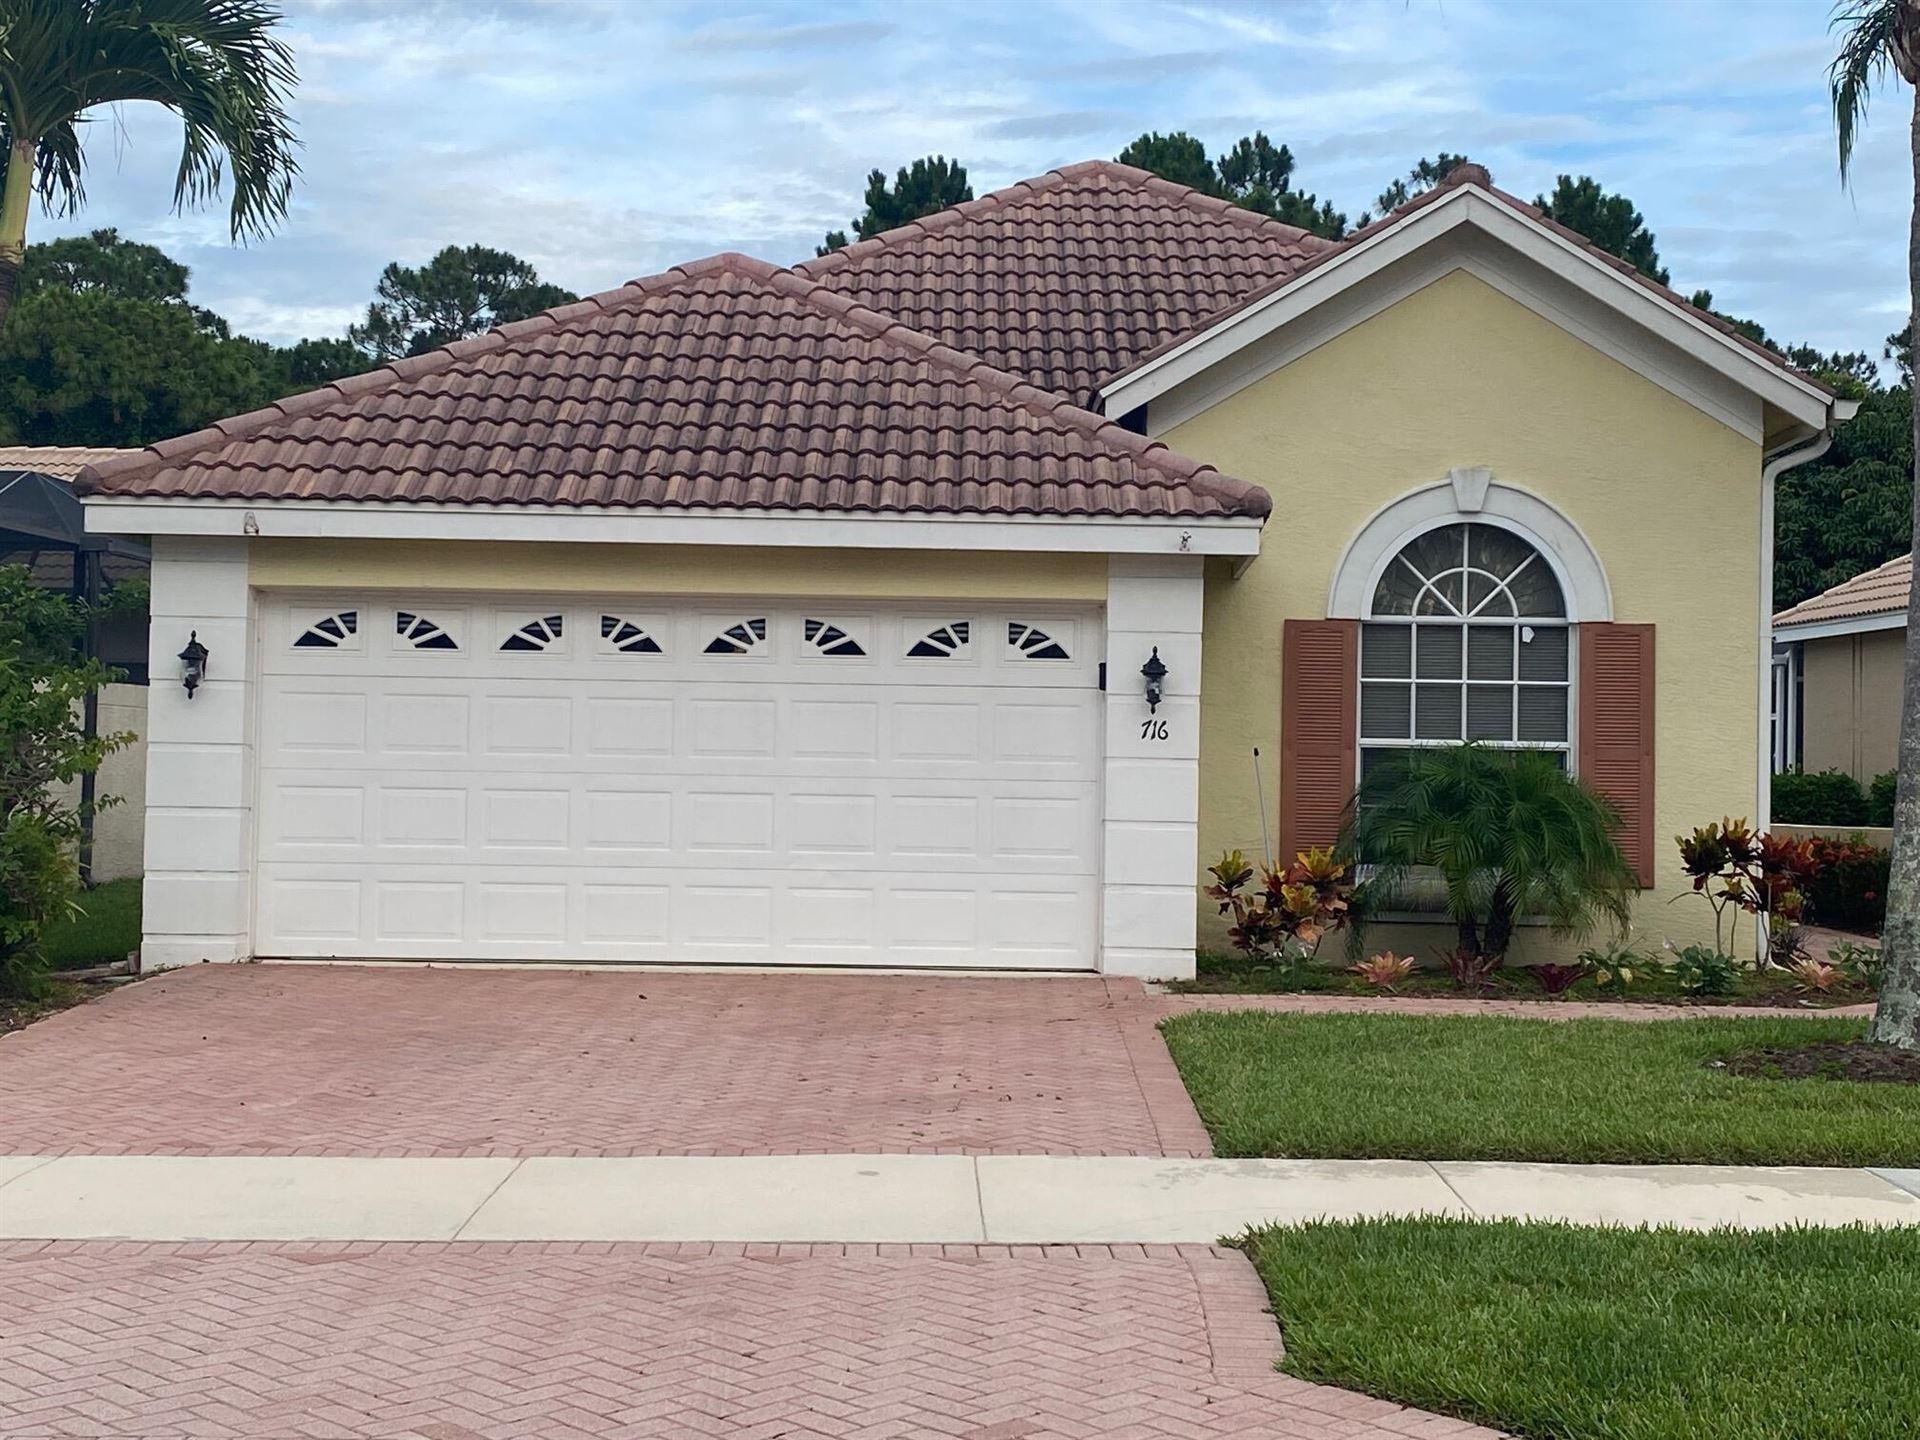 716 SW Munjack Circle, Port Saint Lucie, FL 34986 - MLS#: RX-10723055